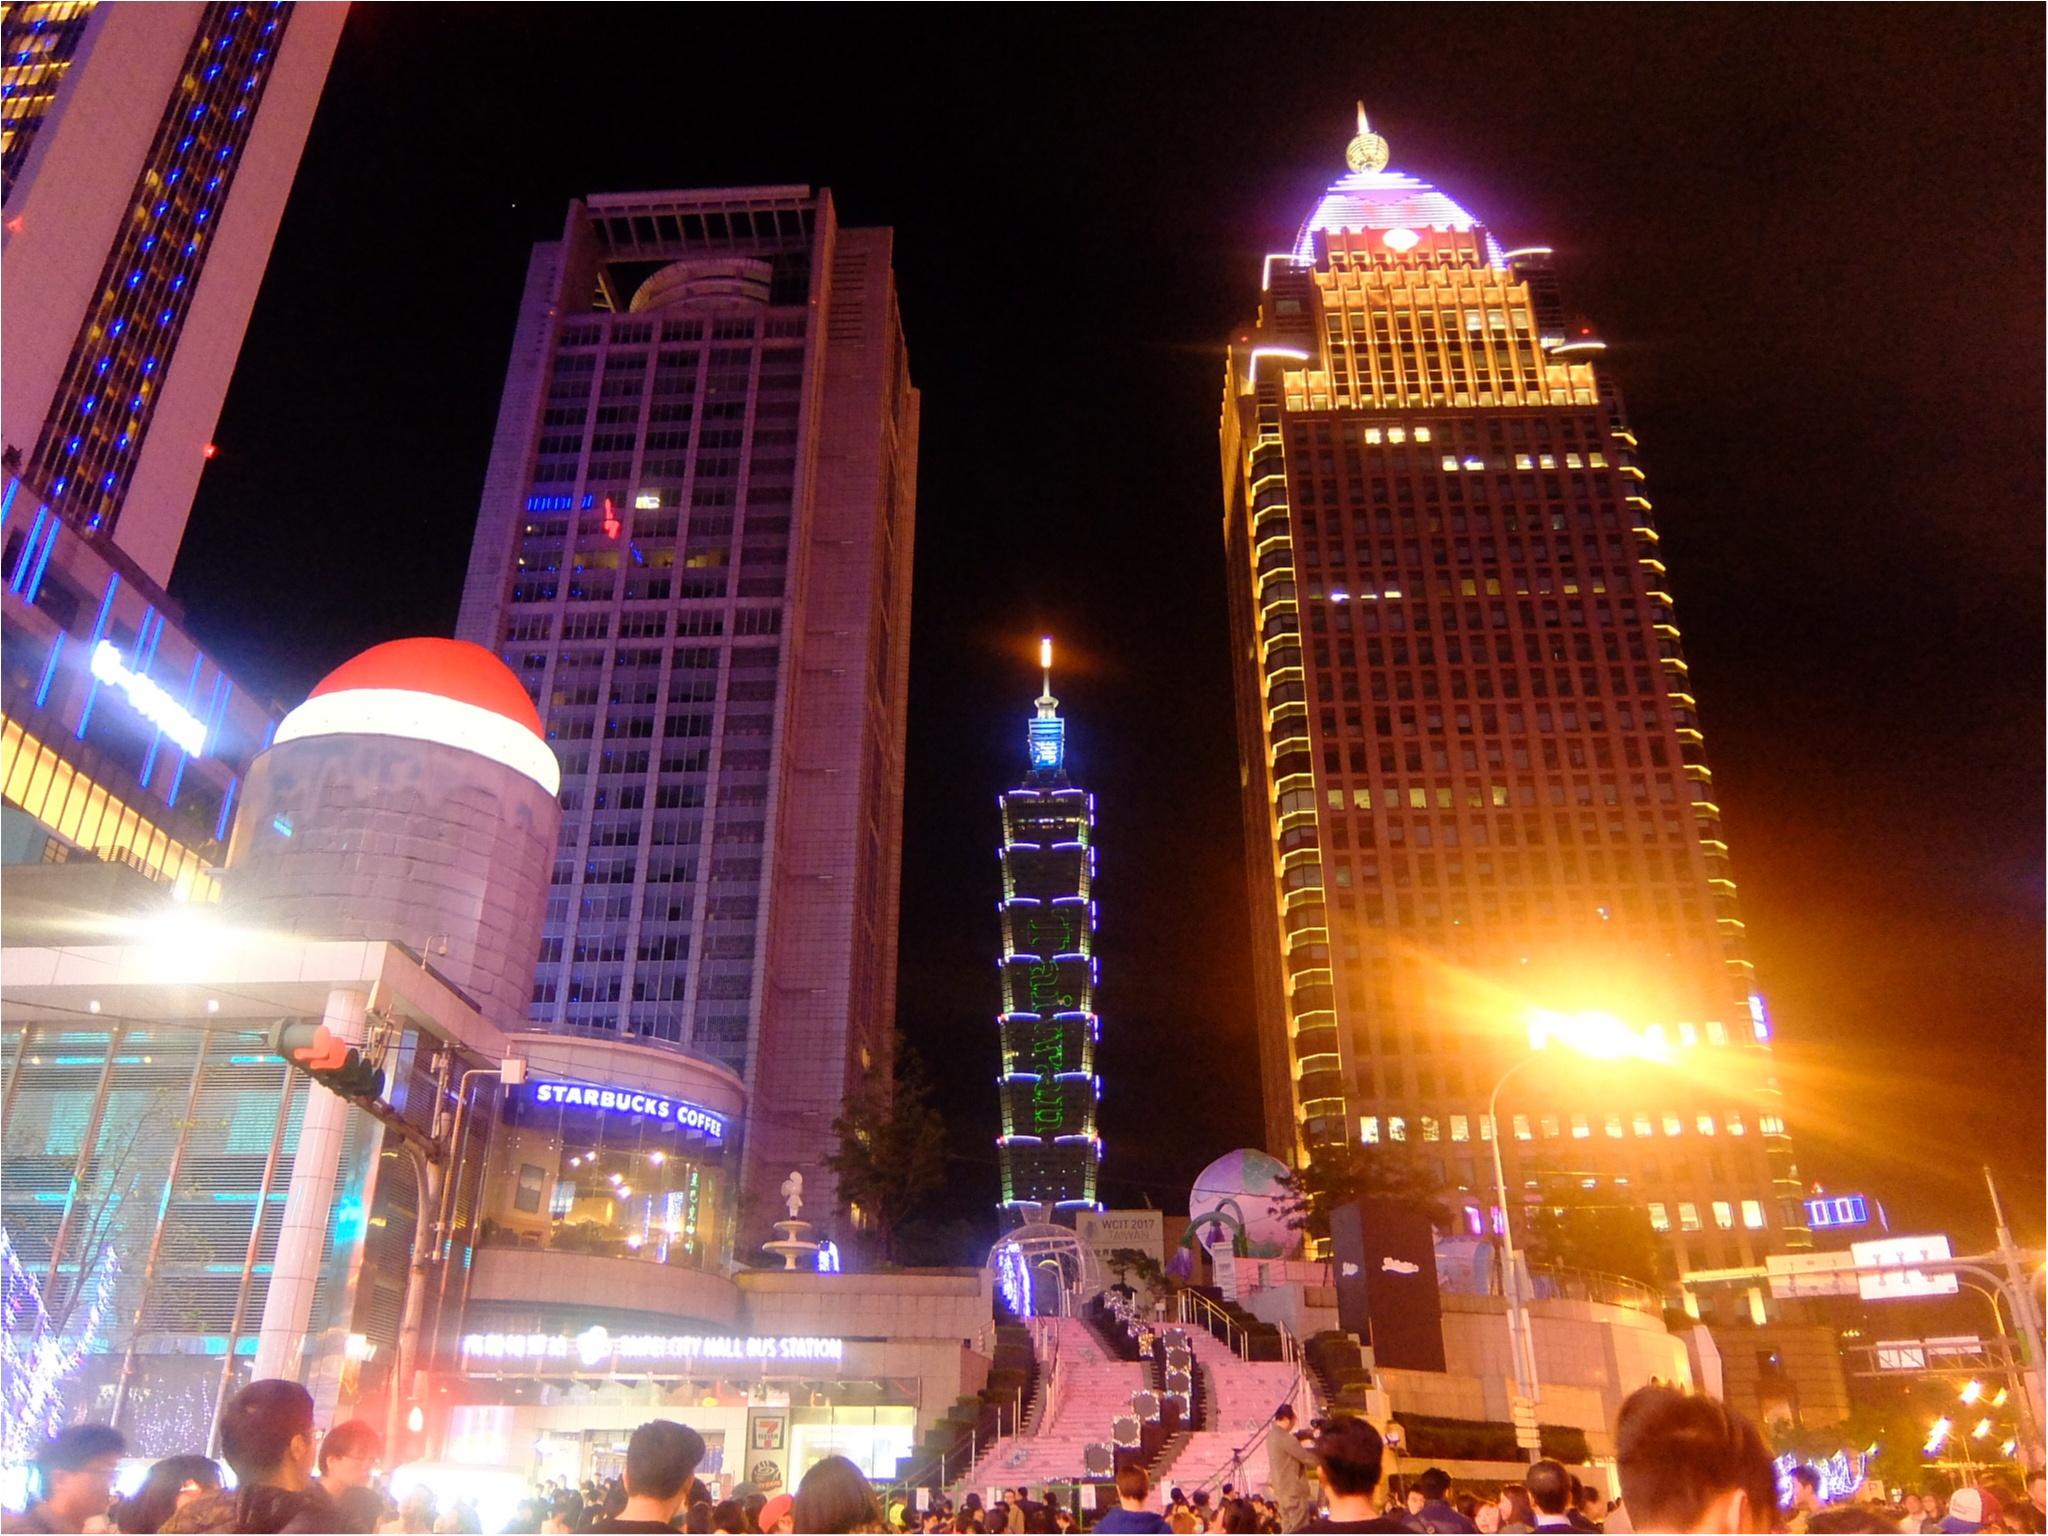 年越しは《海外》で!【台湾】でおいしいグルメや幻想的な街並みを堪能♡_11